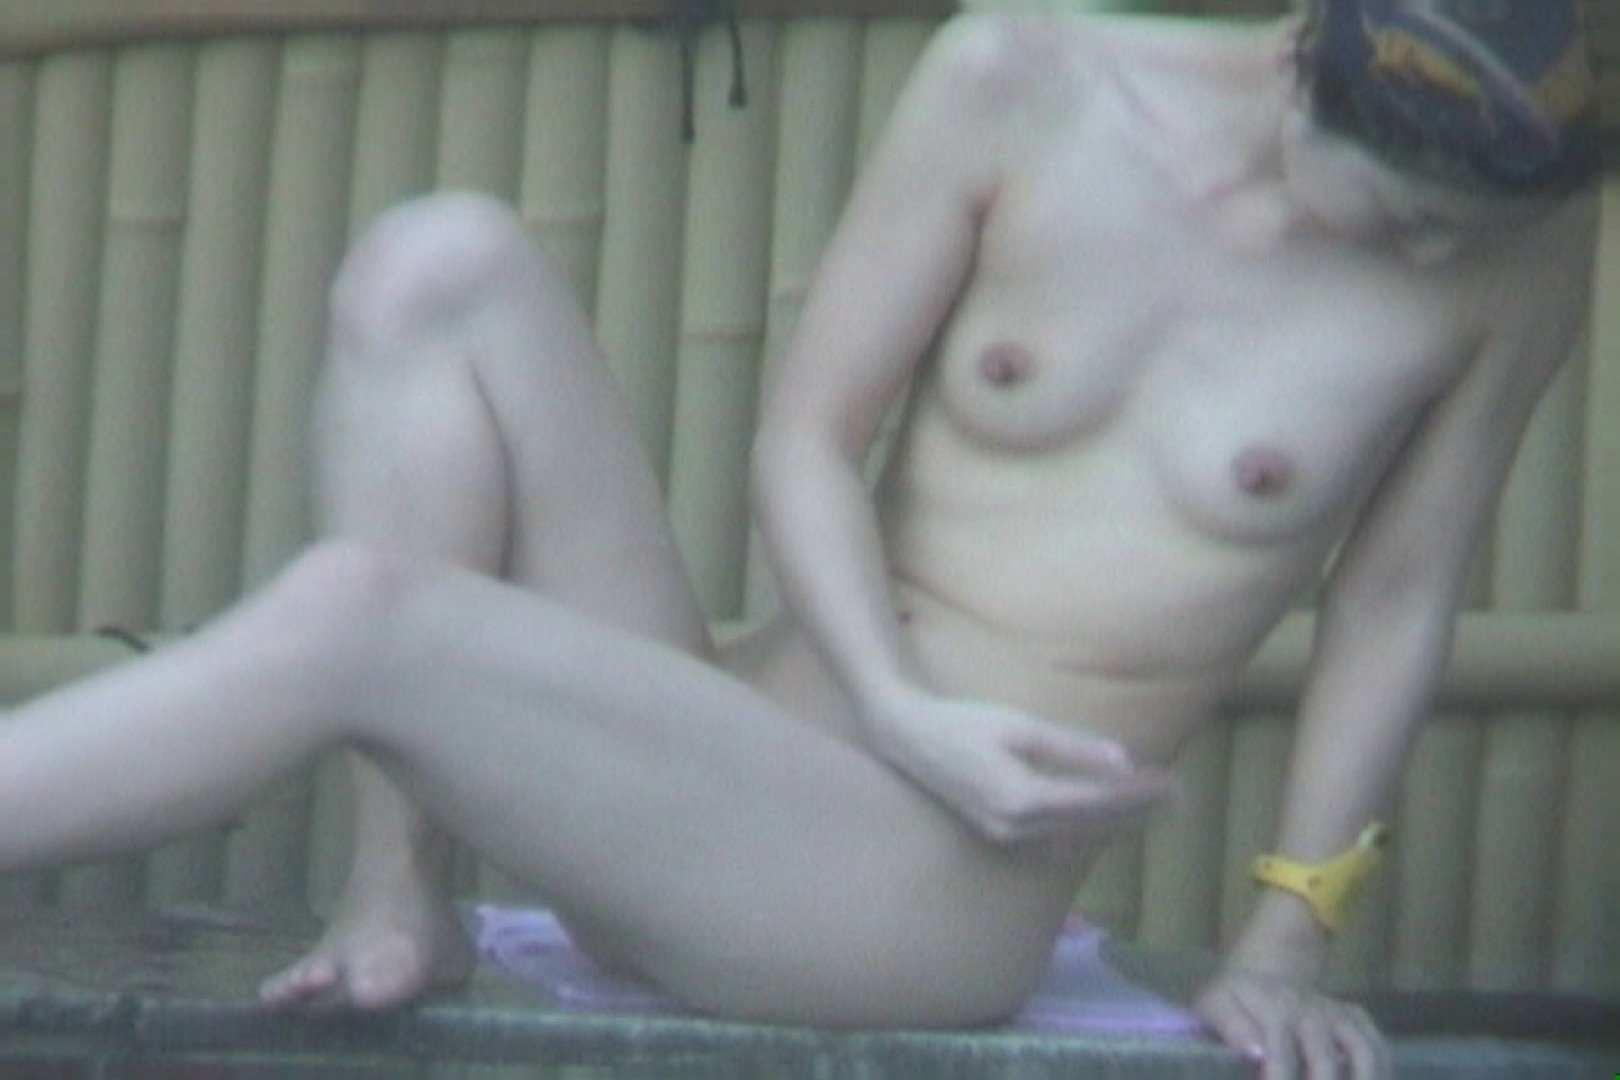 Aquaな露天風呂Vol.607 OLハメ撮り  58Pix 12